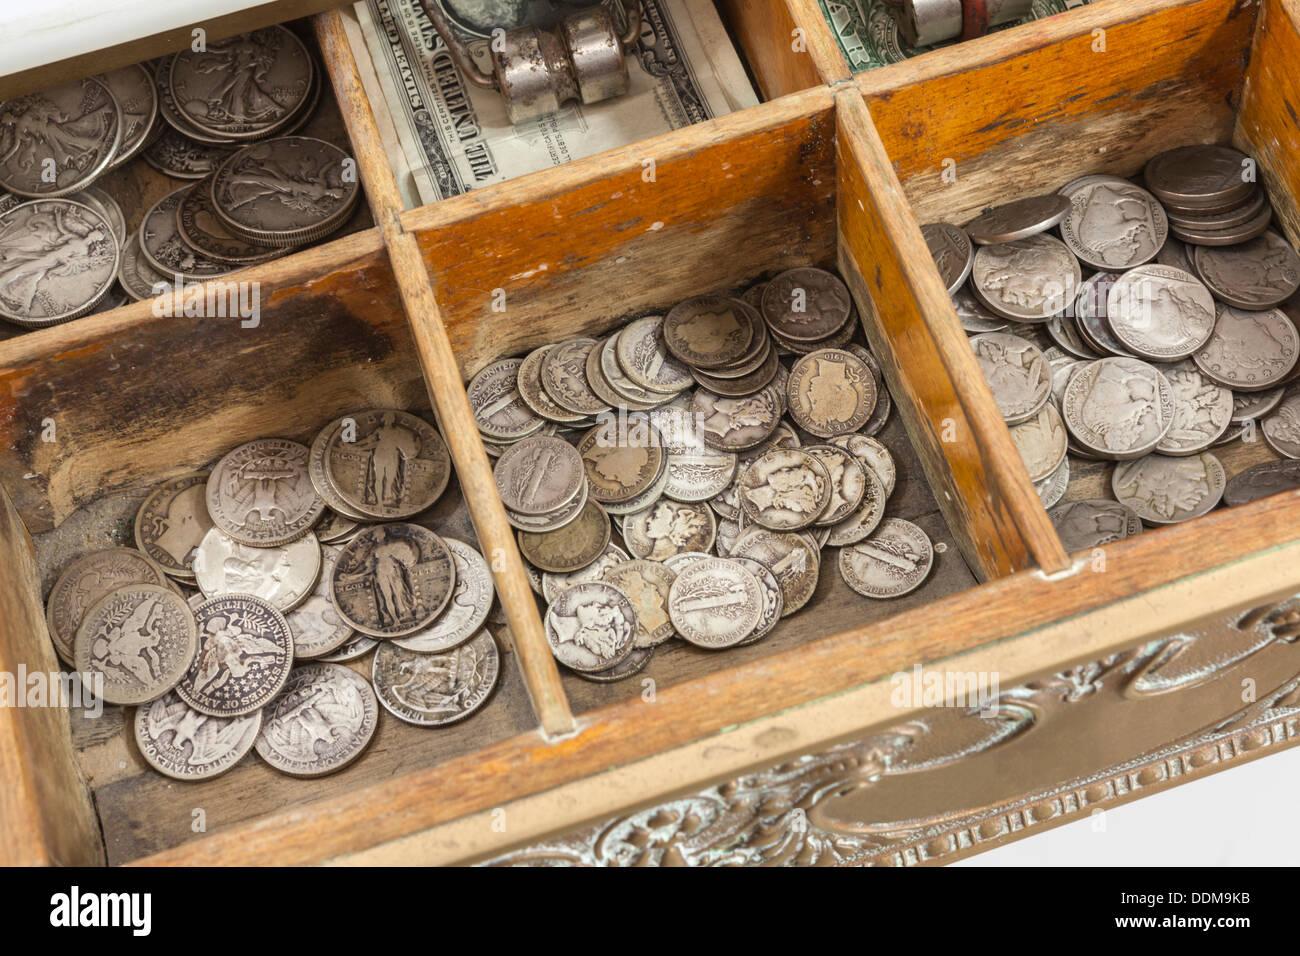 Tiroir caisse vintage de l'argent avec de vieux US coins. Photo Stock